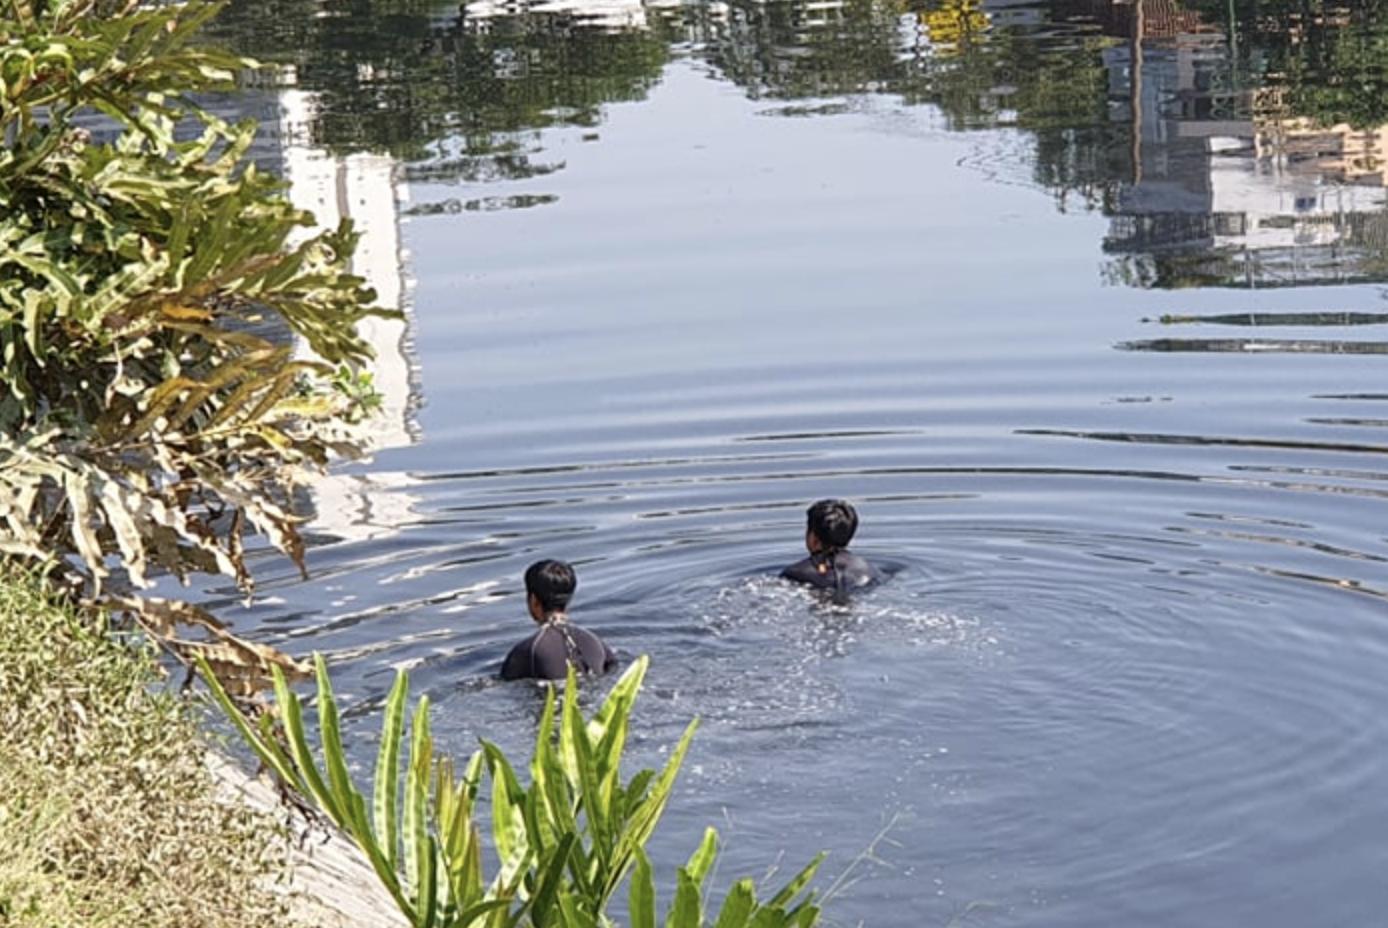 TP.HCM: Người đàn ông có vợ con leo ra lan can nhảy xuống dòng nước kênh Tàu Hủ đen ngòm rồi mất tích - Ảnh 1.